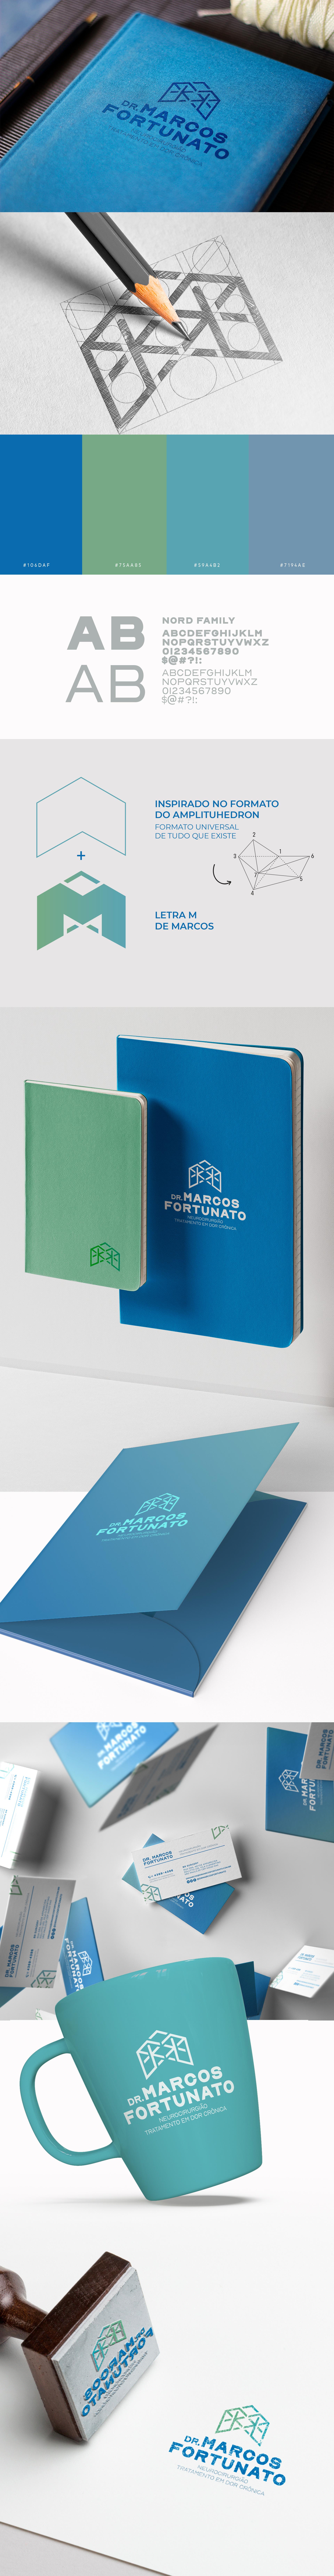 Aorta Comunicação e Eventos - Dr. Marcos Fortunato